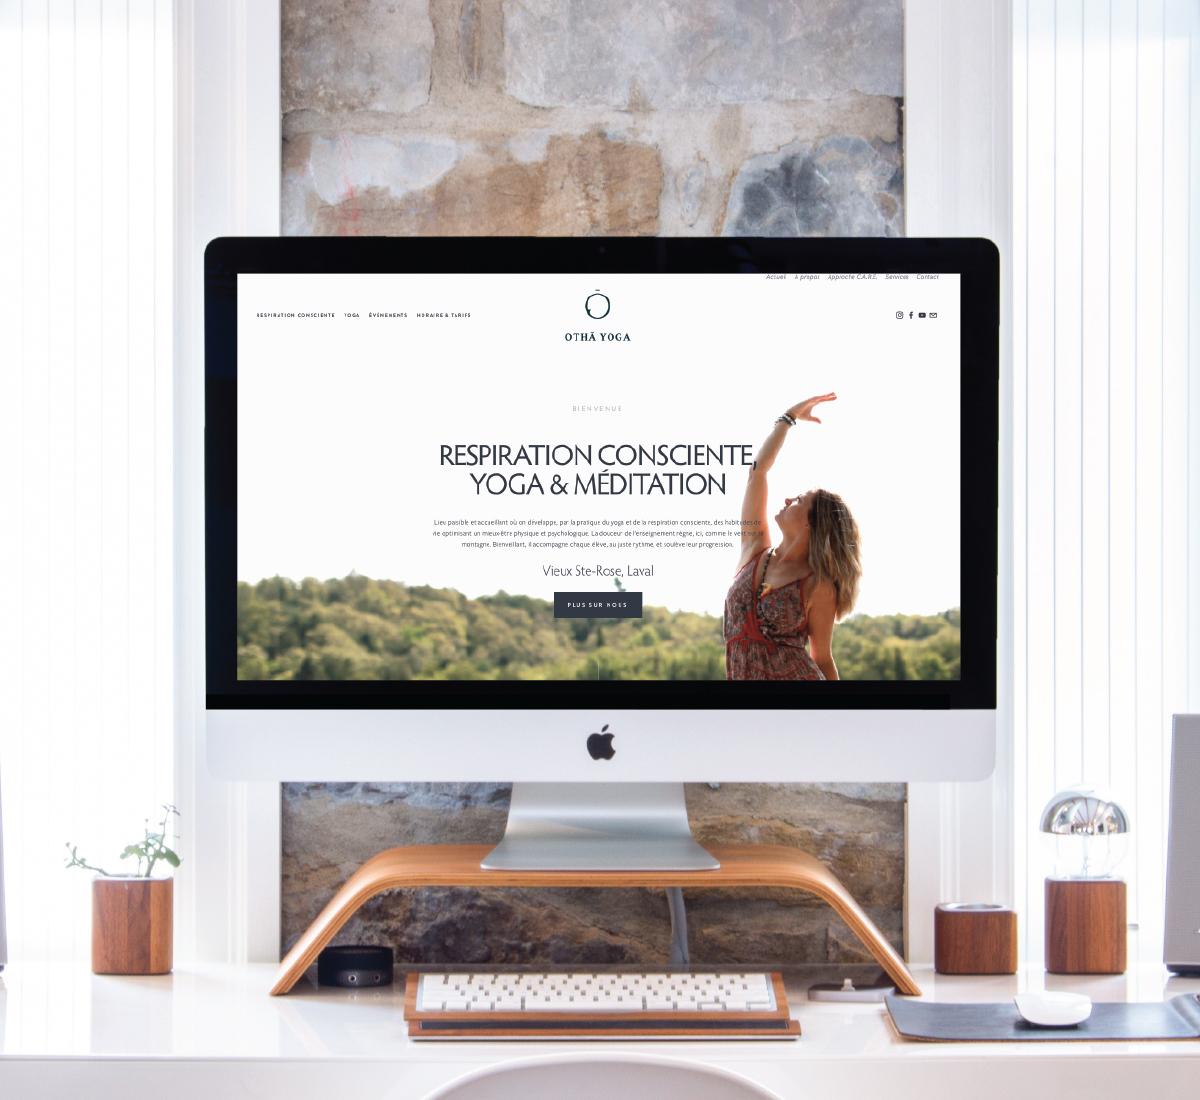 PETIT BUDGET - Exit le DIY, laisse-moi te bâtir une image professionnelle et un site web simple et efficace, le tout réalisé en moins de 2 semaines!750$ +